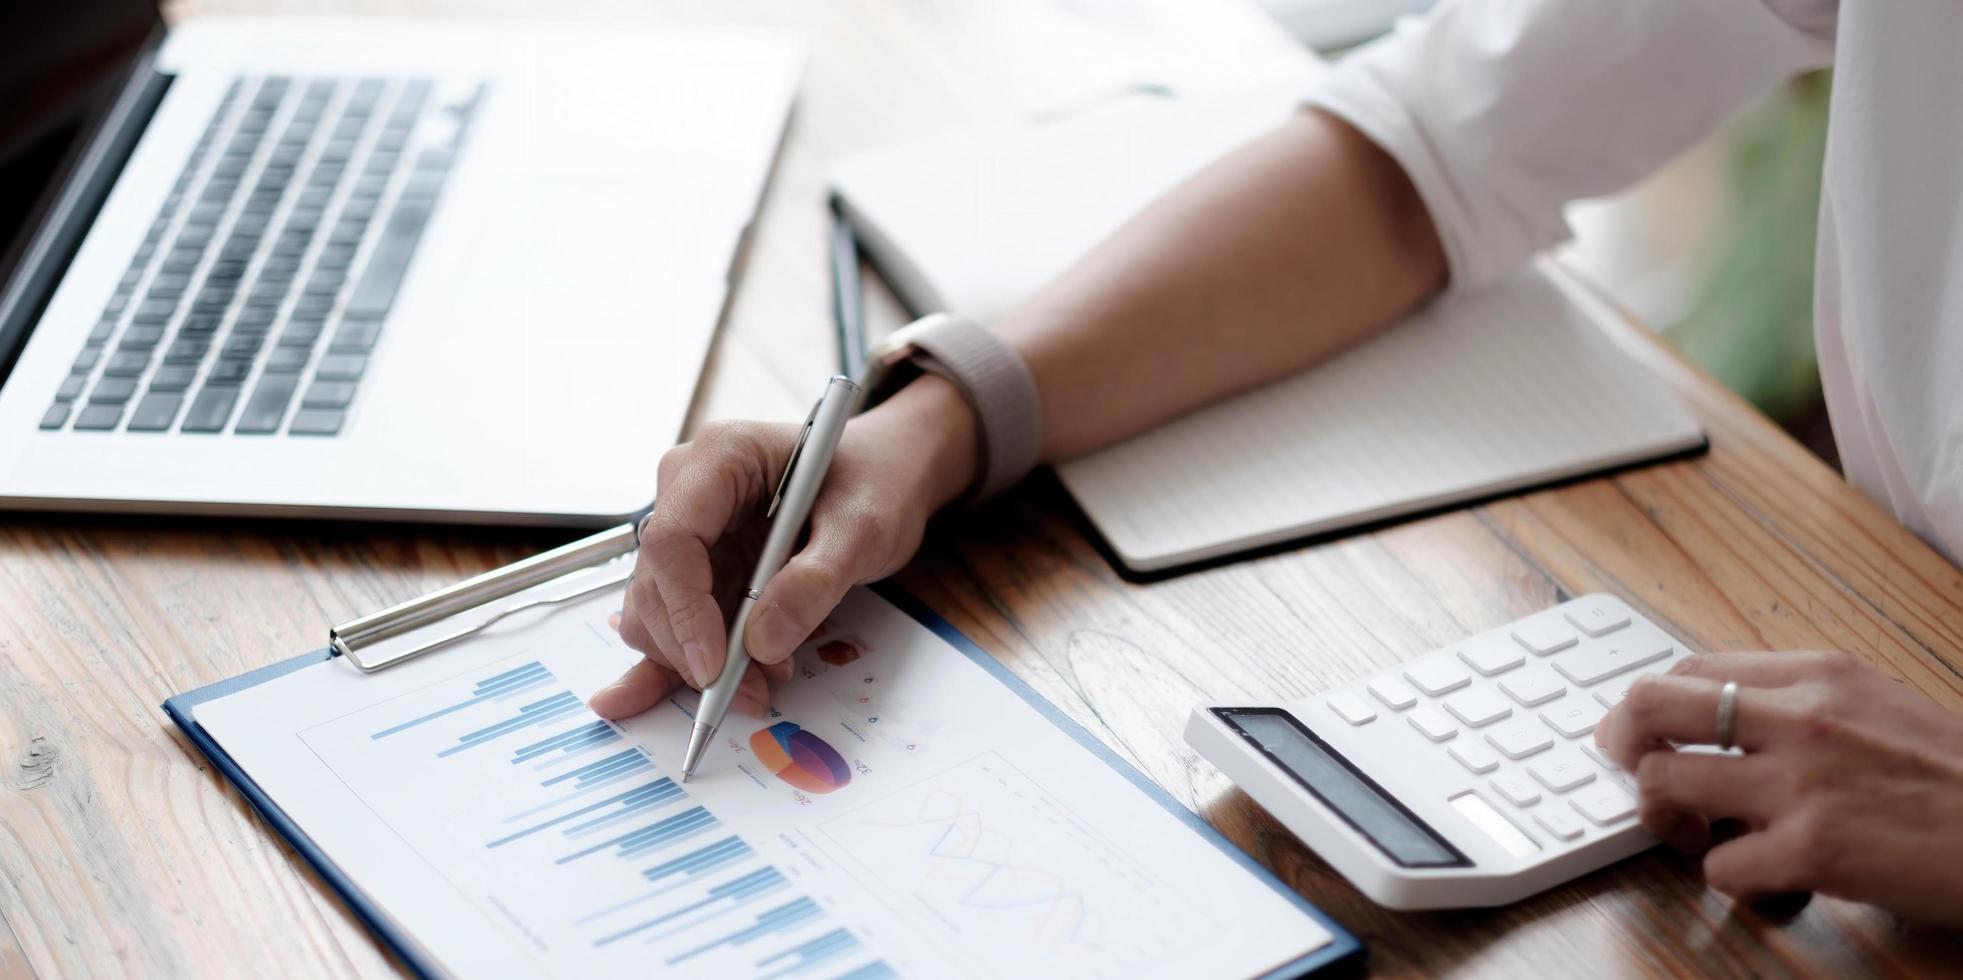 nahaufnahme eine geschäftsfrau arbeitet an einem finanzdiagramm, berechnet geschäftskosten und gewinne und sitzt an ihrem schreibtisch. foto